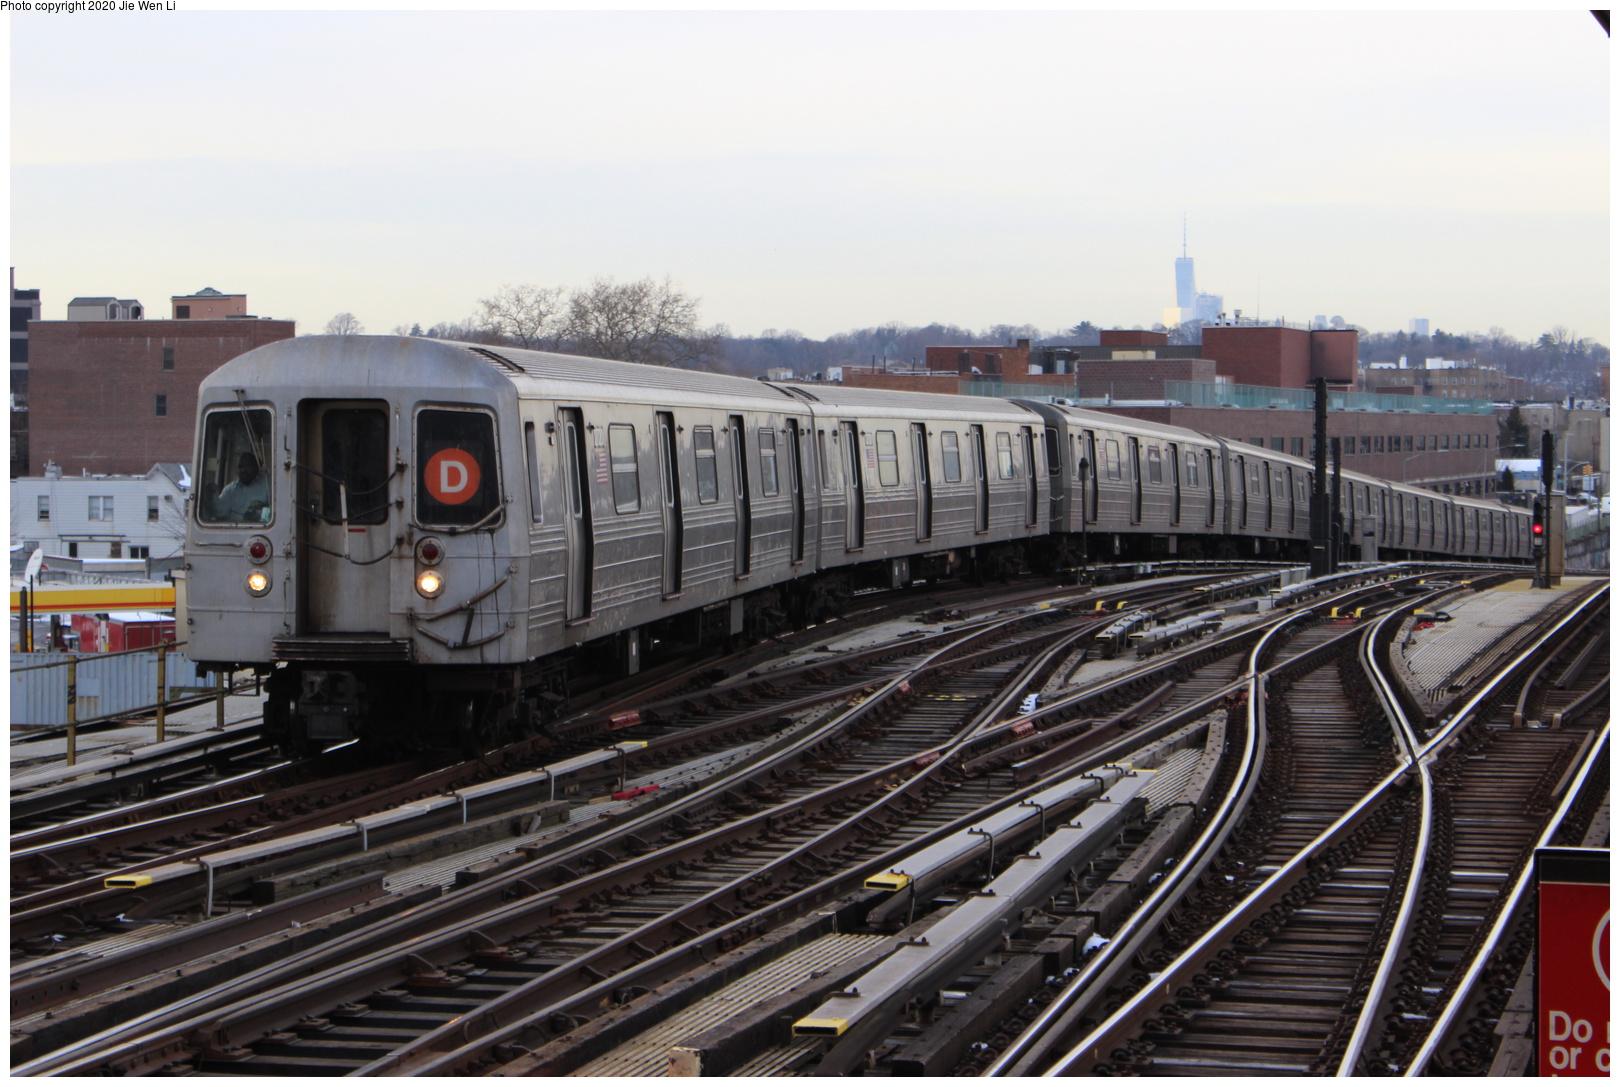 (185k, 820x551)<br><b>Country:</b> United States<br><b>City:</b> Harrison, NJ<br><b>System:</b> PATH<br><b>Location:</b> Harrison <br><b>Car:</b> H&M/PATH K-class  <br><b>Photo by:</b> Joel Shanus<br><b>Viewed (this week/total):</b> 5 / 2830